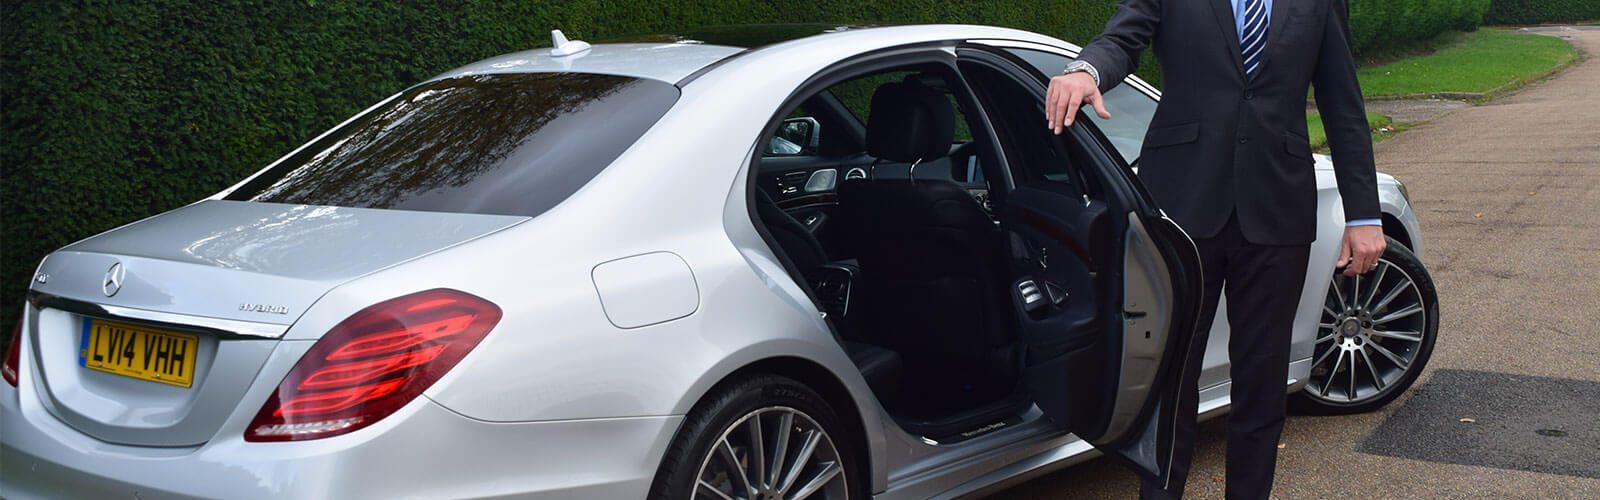 smart driver opening car door